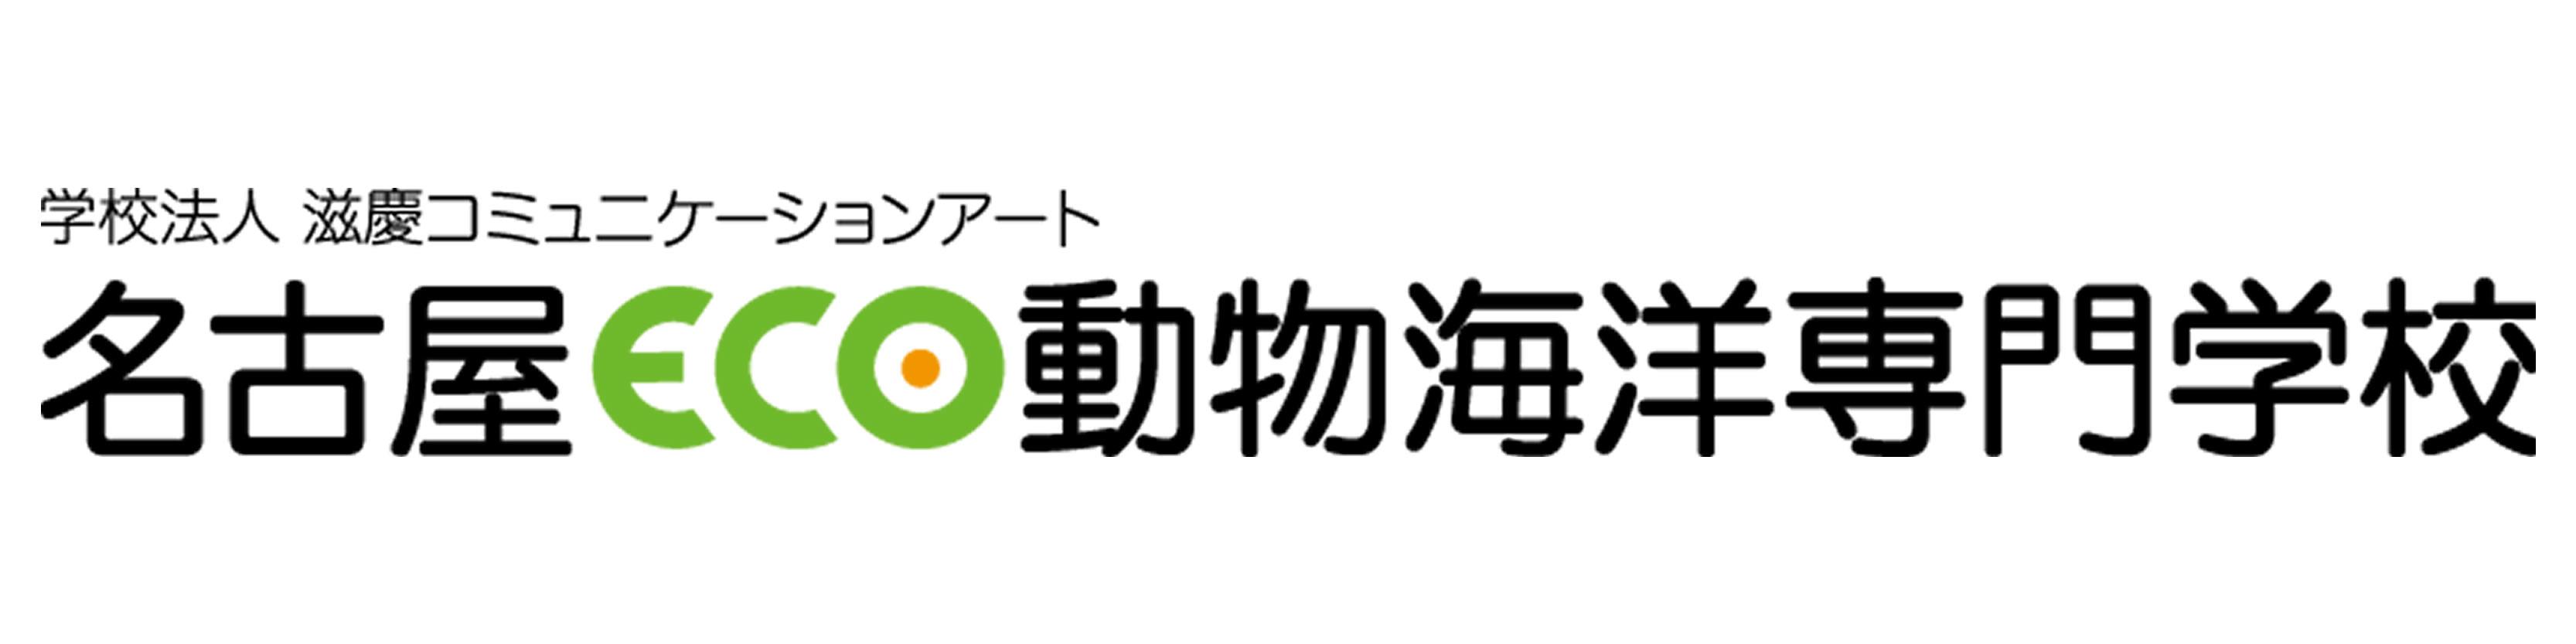 学校法人滋慶コミュニケーションアート名古屋ECO動物海洋専門学校